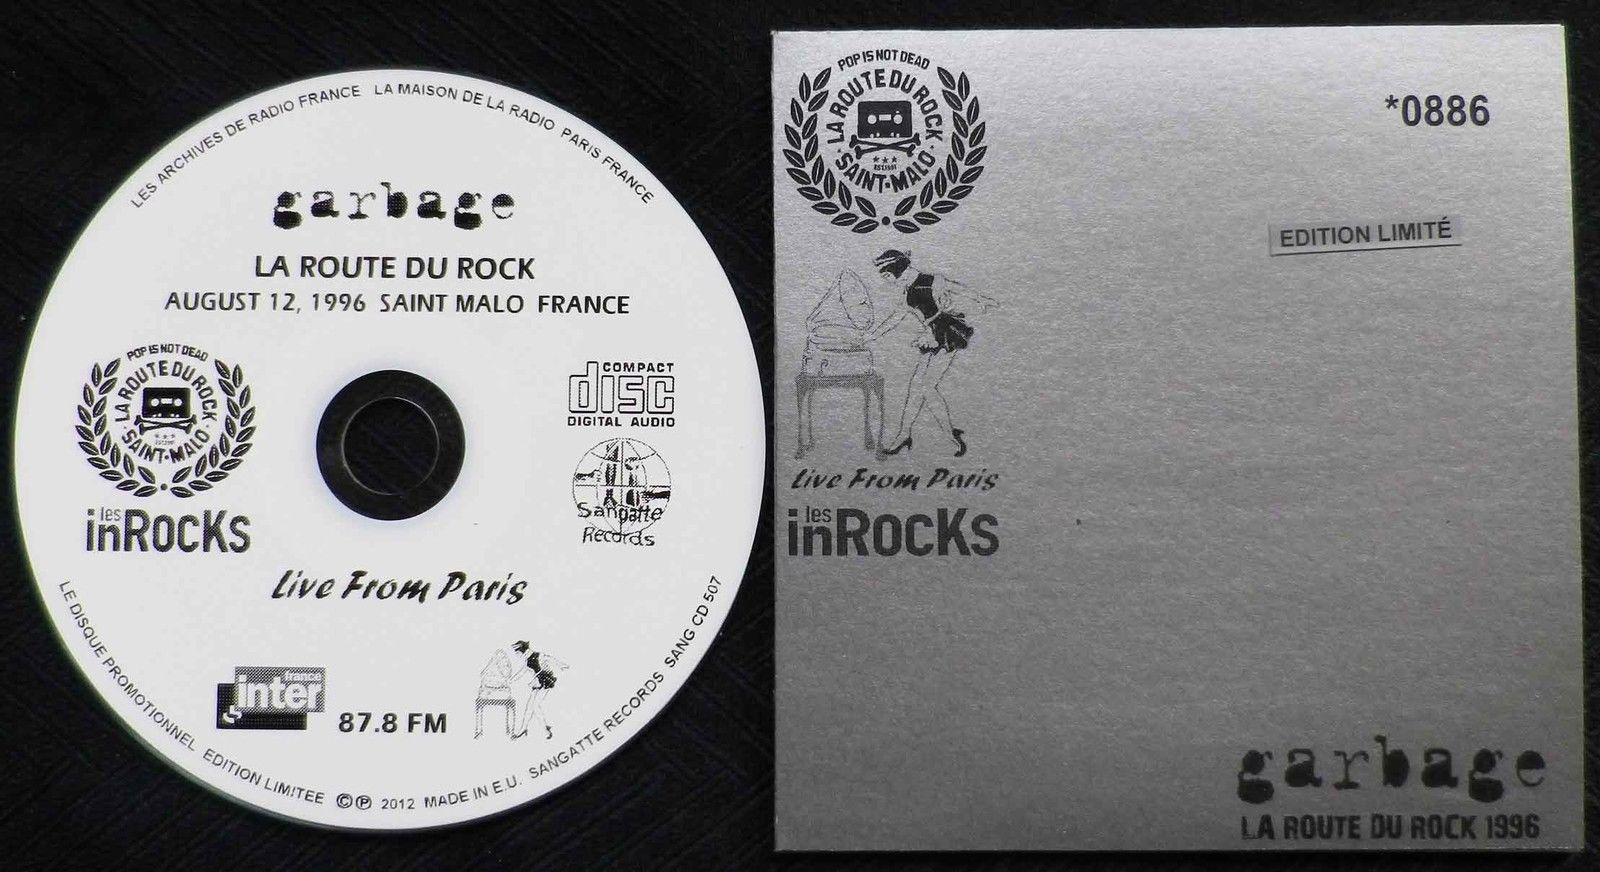 France, SANG S07 CD, CD